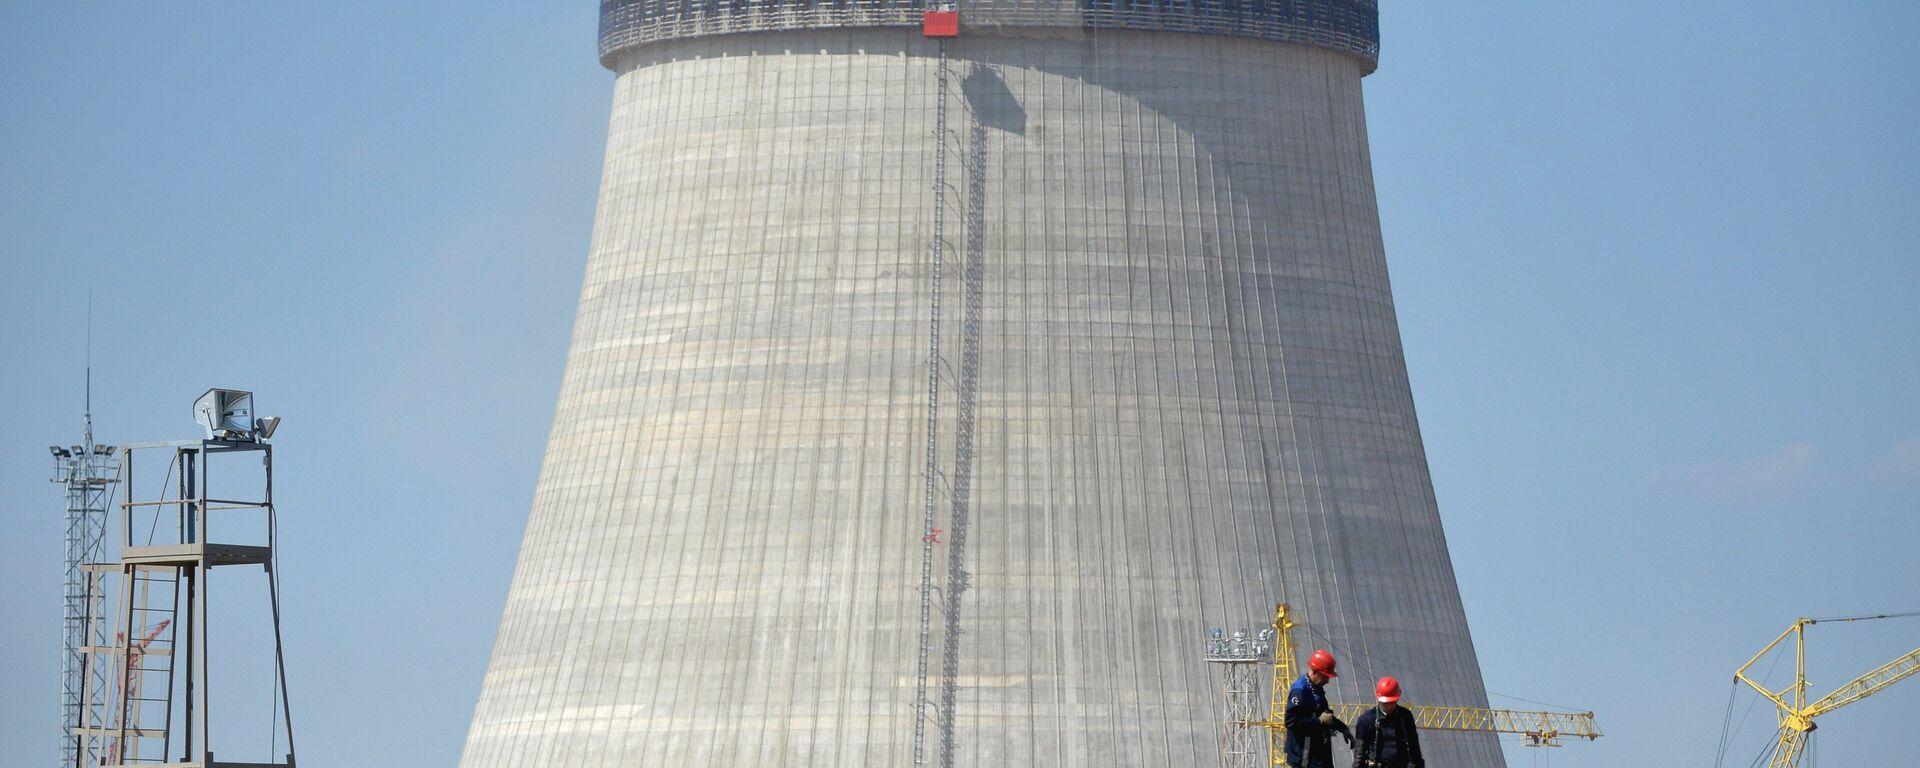 Budowa elektrowni jądrowej w pobliżu miasta Ostrowiec, Białoruś - Sputnik Polska, 1920, 30.05.2021